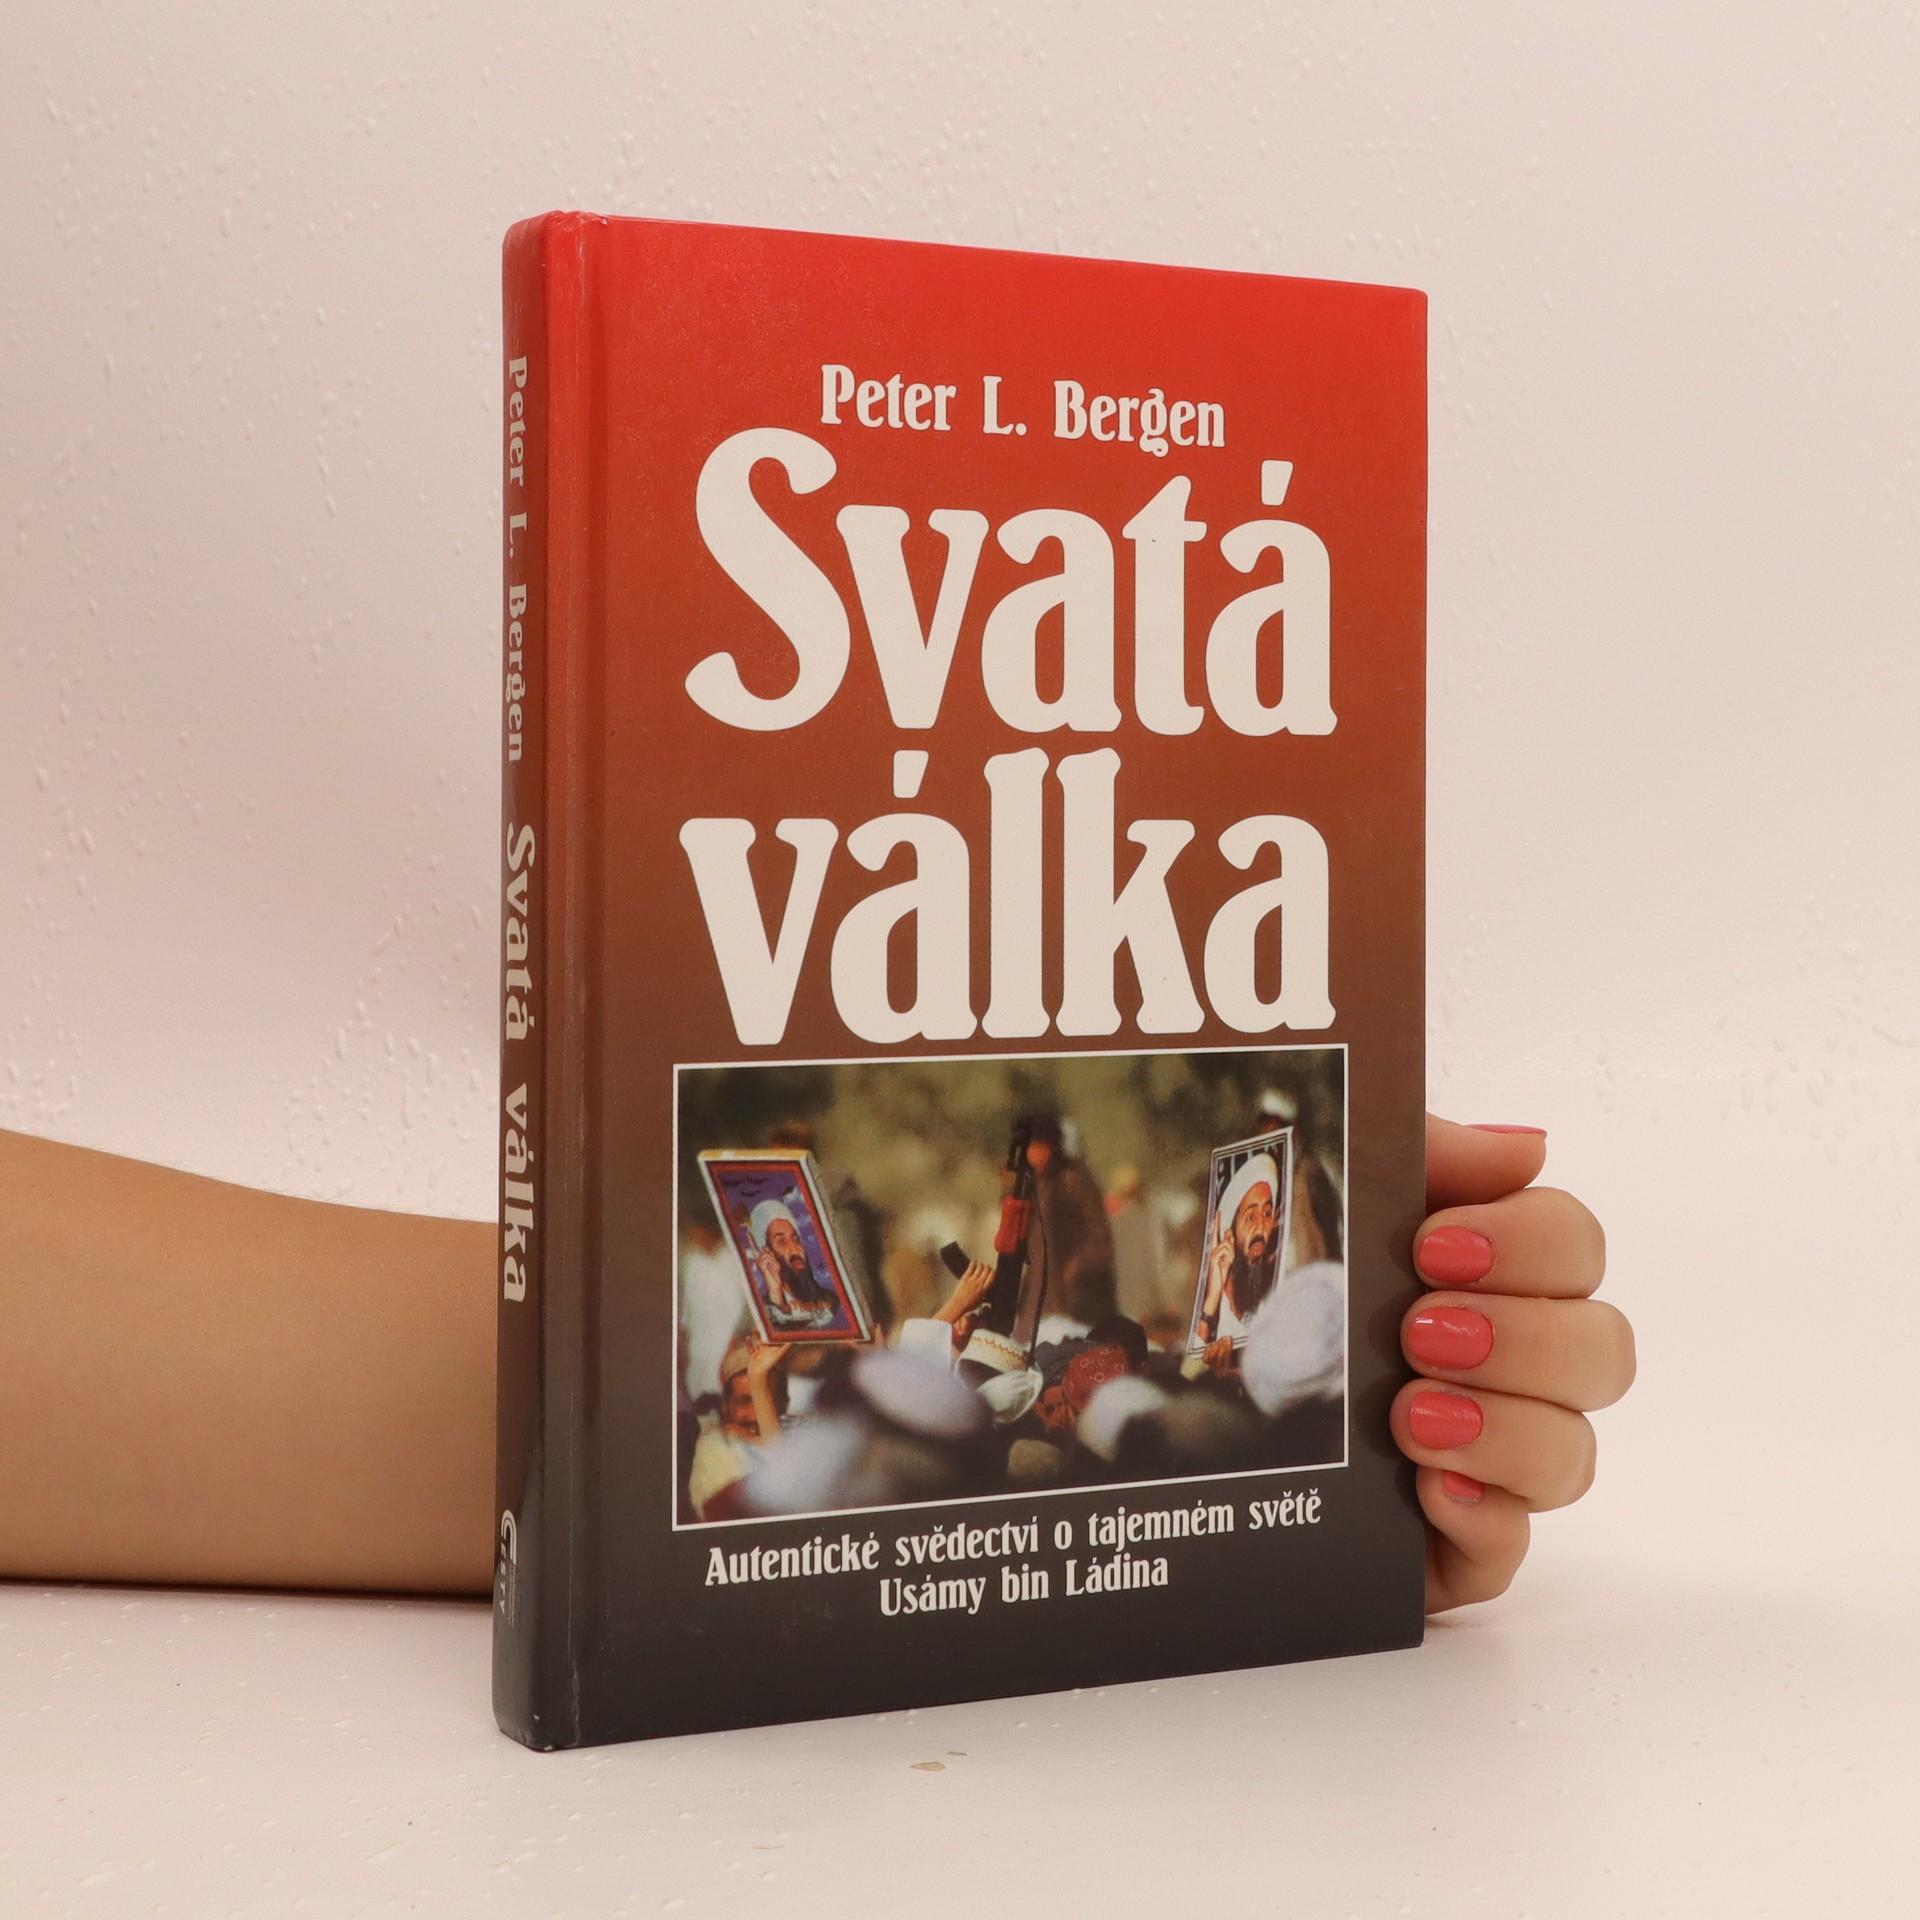 antikvární kniha Svatá válka : autentické svědectví o tajemném světě Usámy bin Ládina, 2002